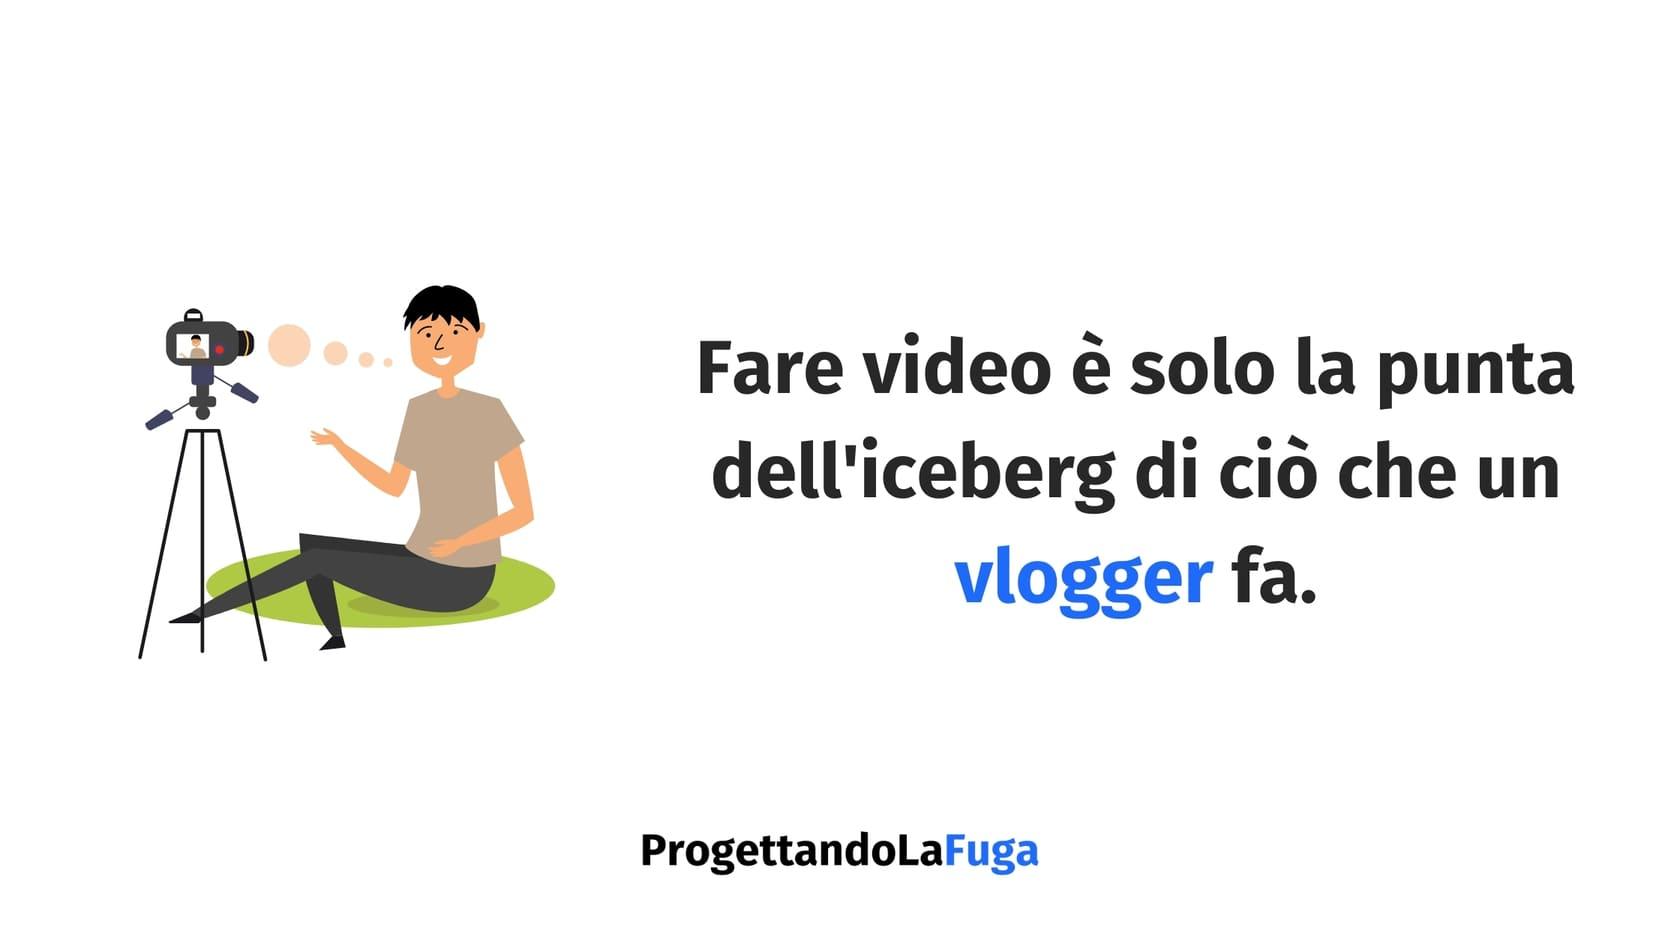 cosa fa un vlogger